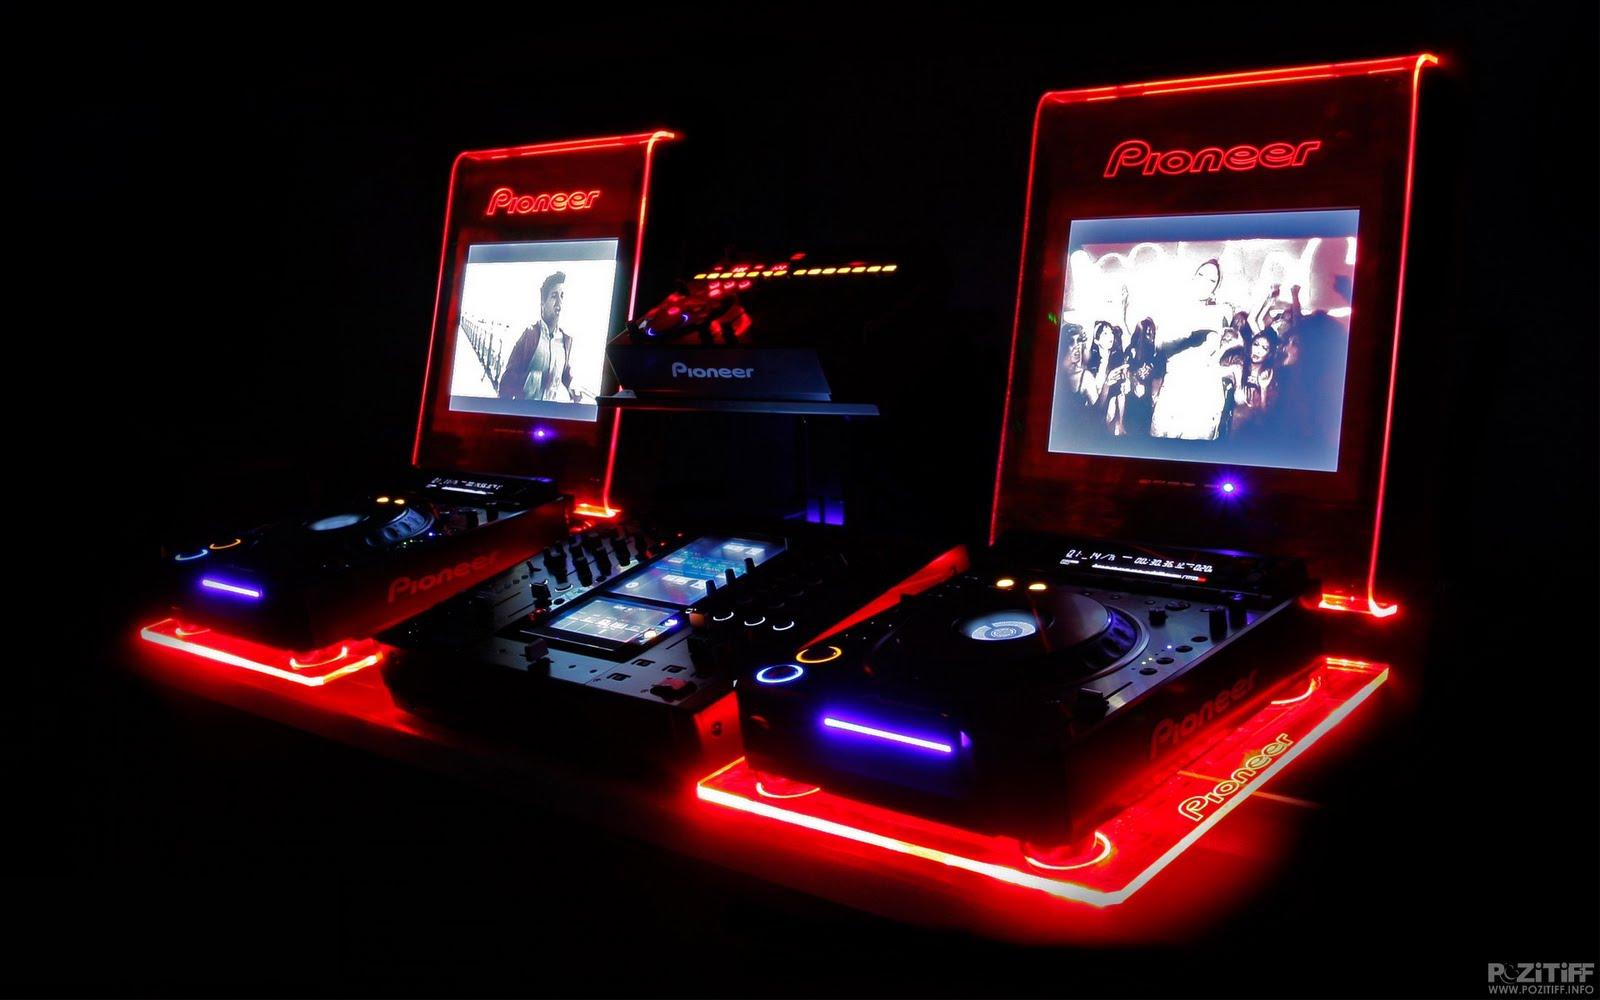 http://2.bp.blogspot.com/_oB0tREit1MU/S-w_I6Hk-DI/AAAAAAAAAlI/5kjIf00w0e0/s1600/1239523934_dvj-svm-1920x1200-club-music-wallpaper.jpg